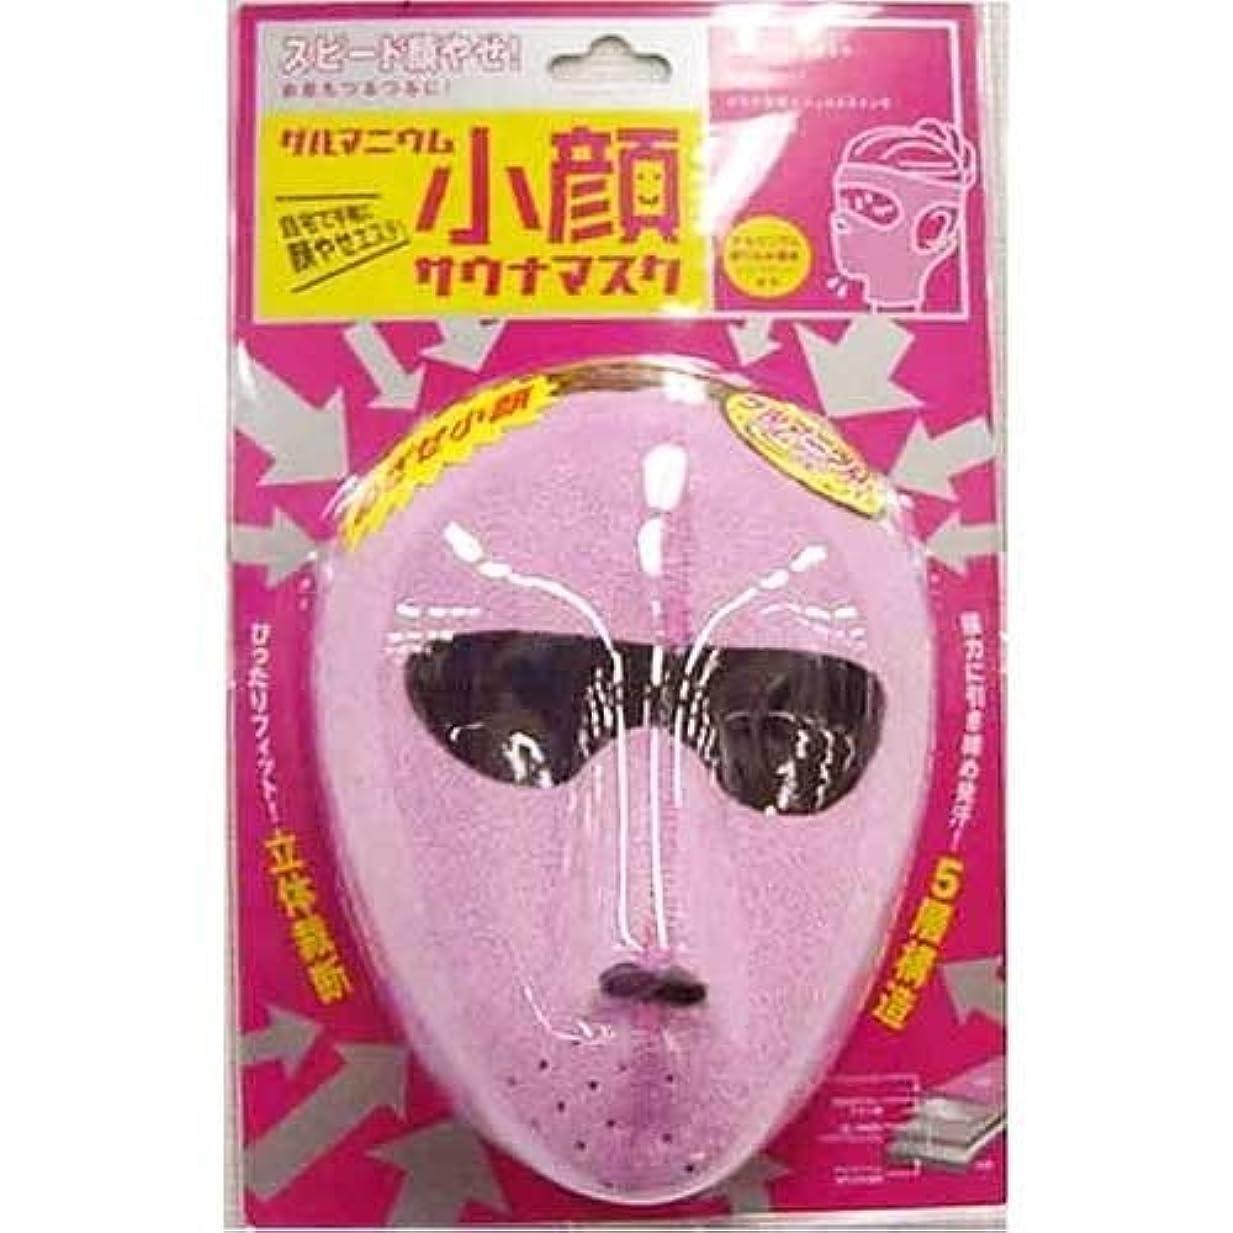 ファイル酔った憤るコジット ゲルマニウム小顔サウナマスク ピンク